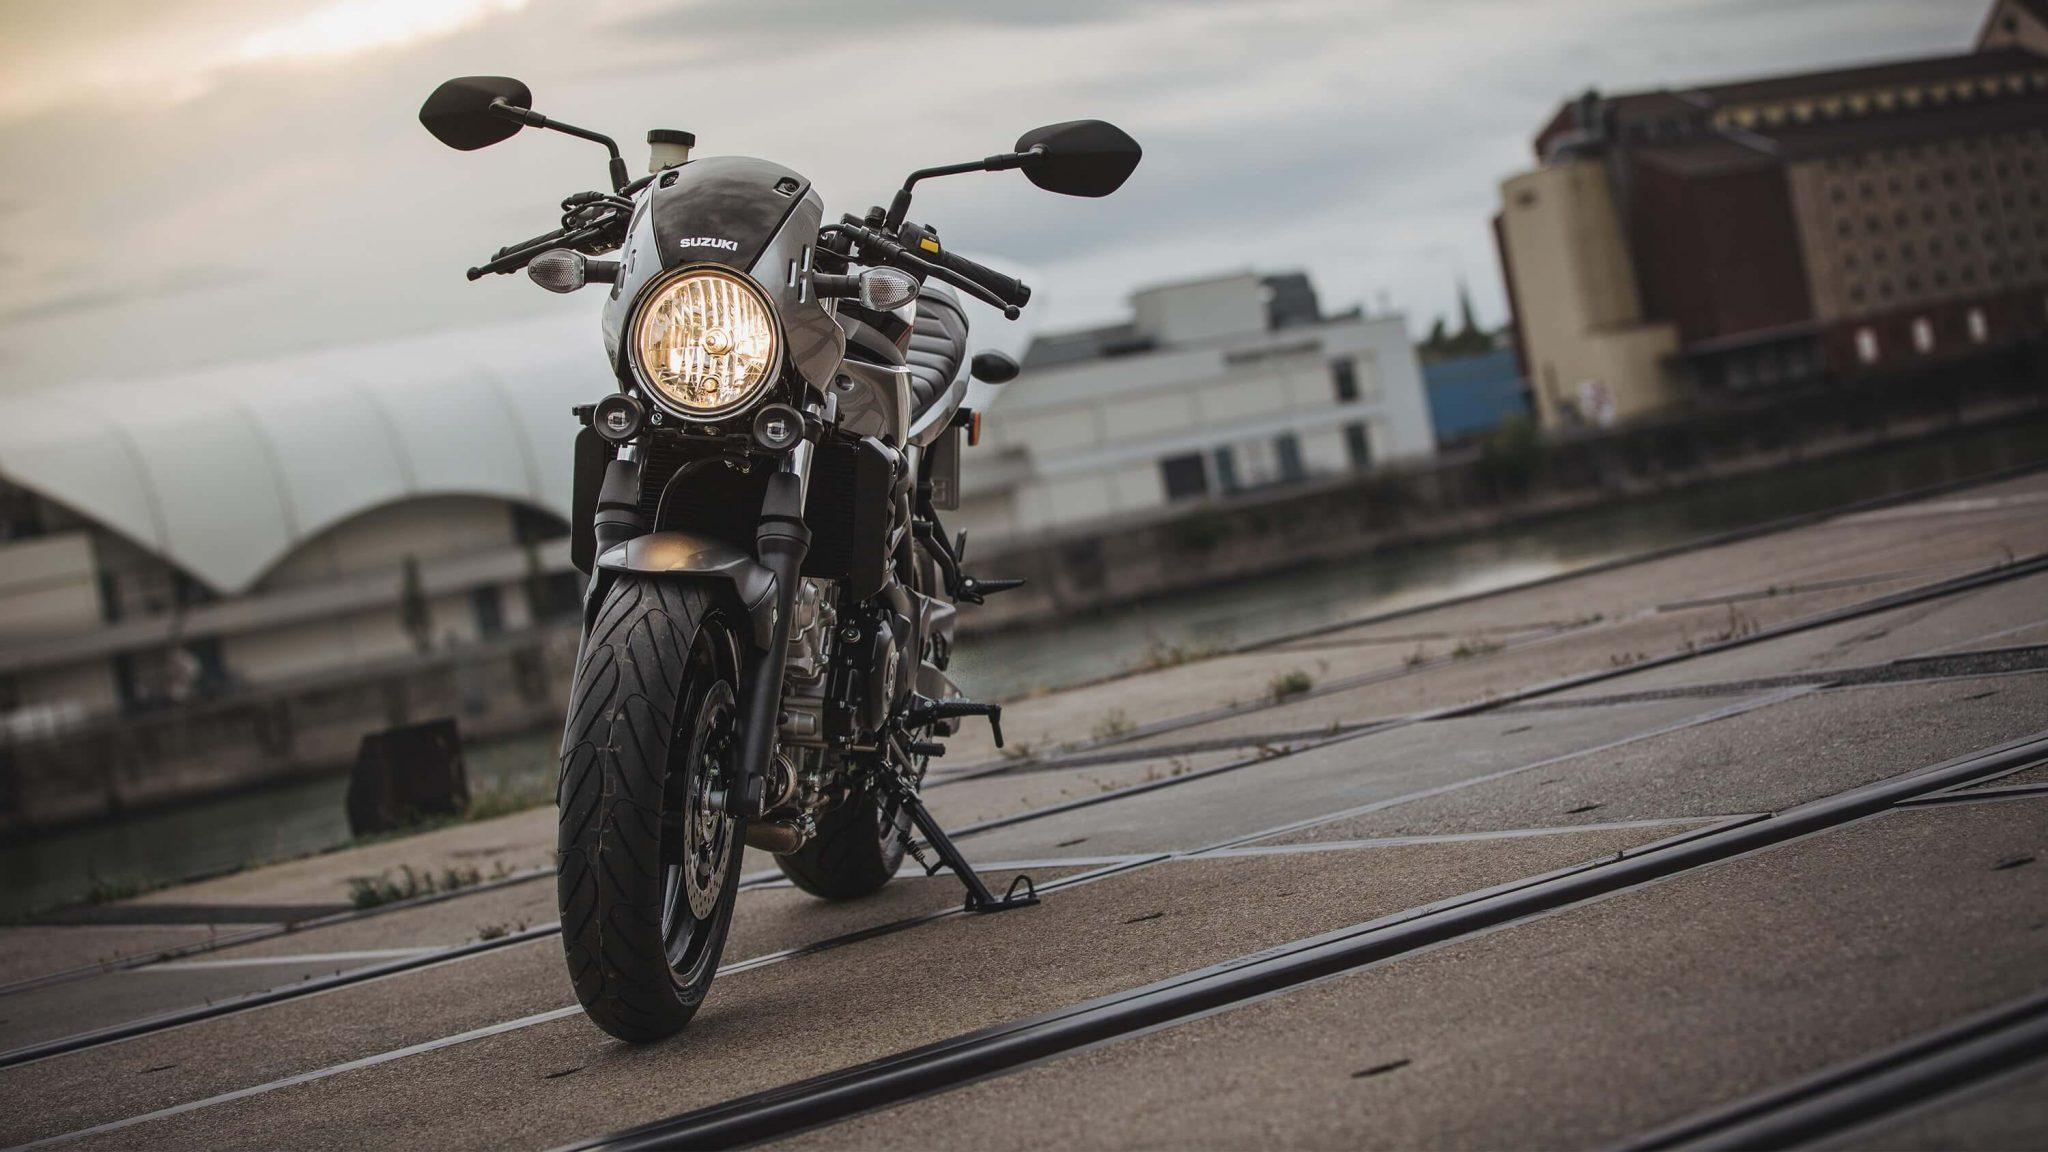 Suzuki SV650X motorcycle parked